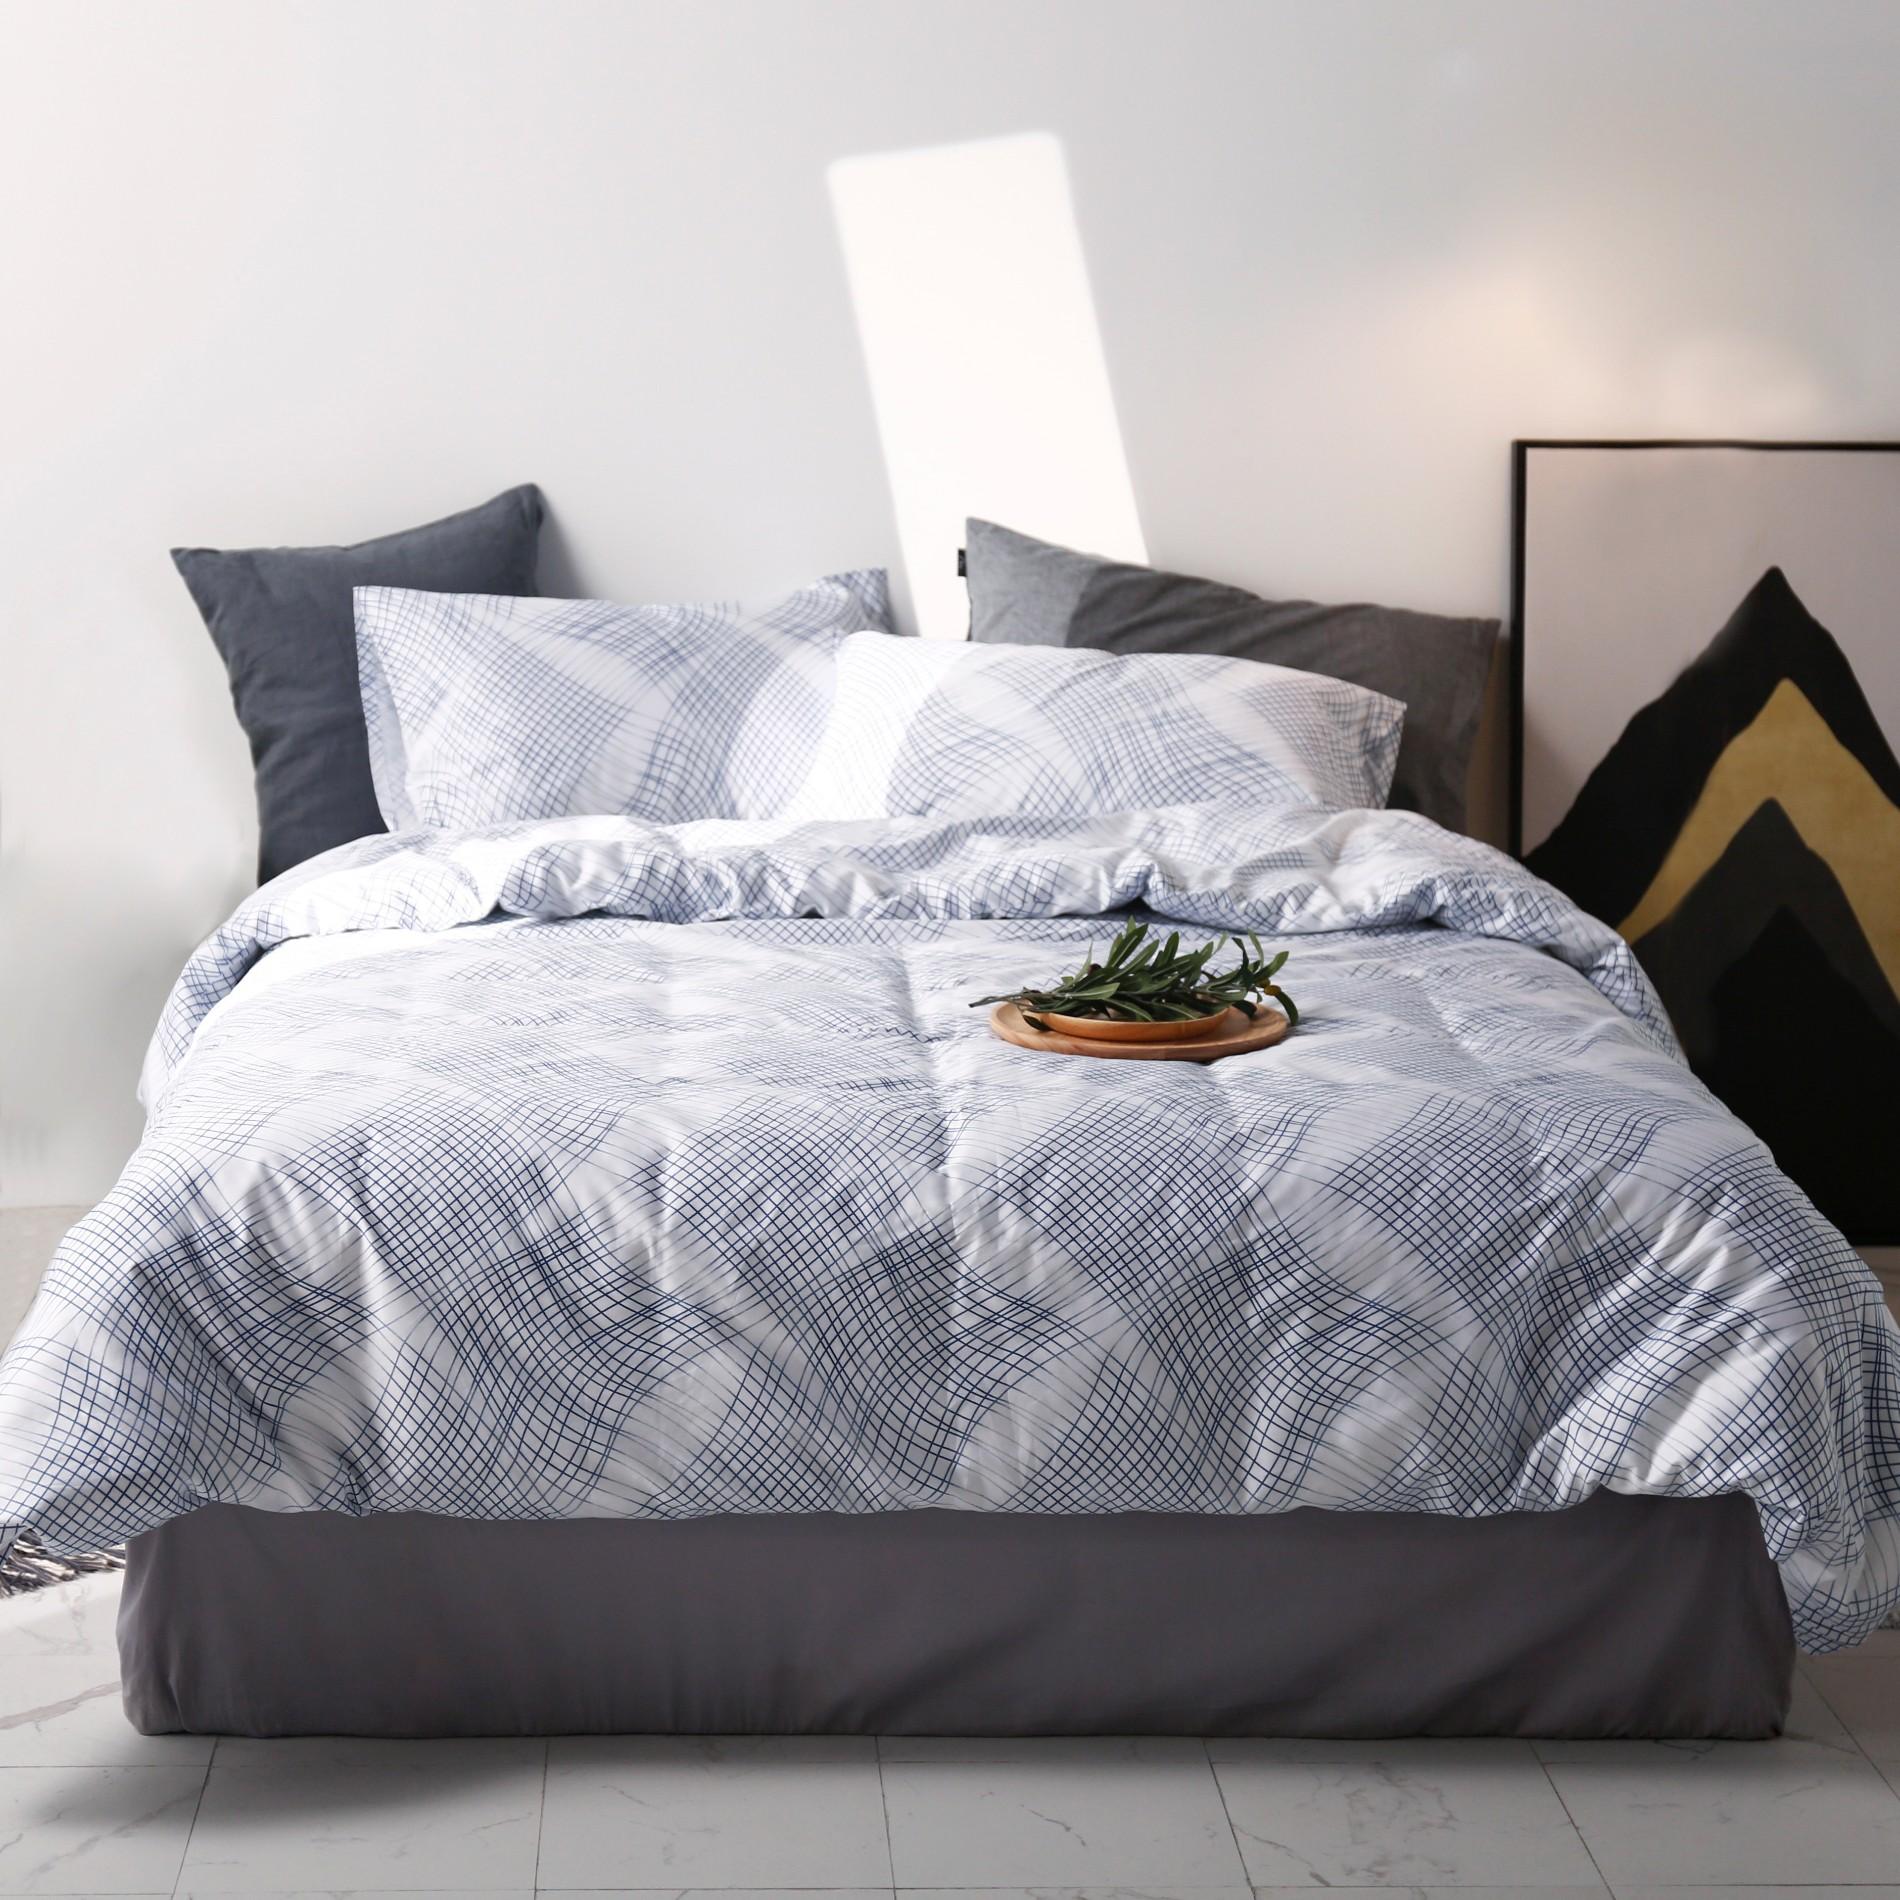 King Size Printed Bedding Set